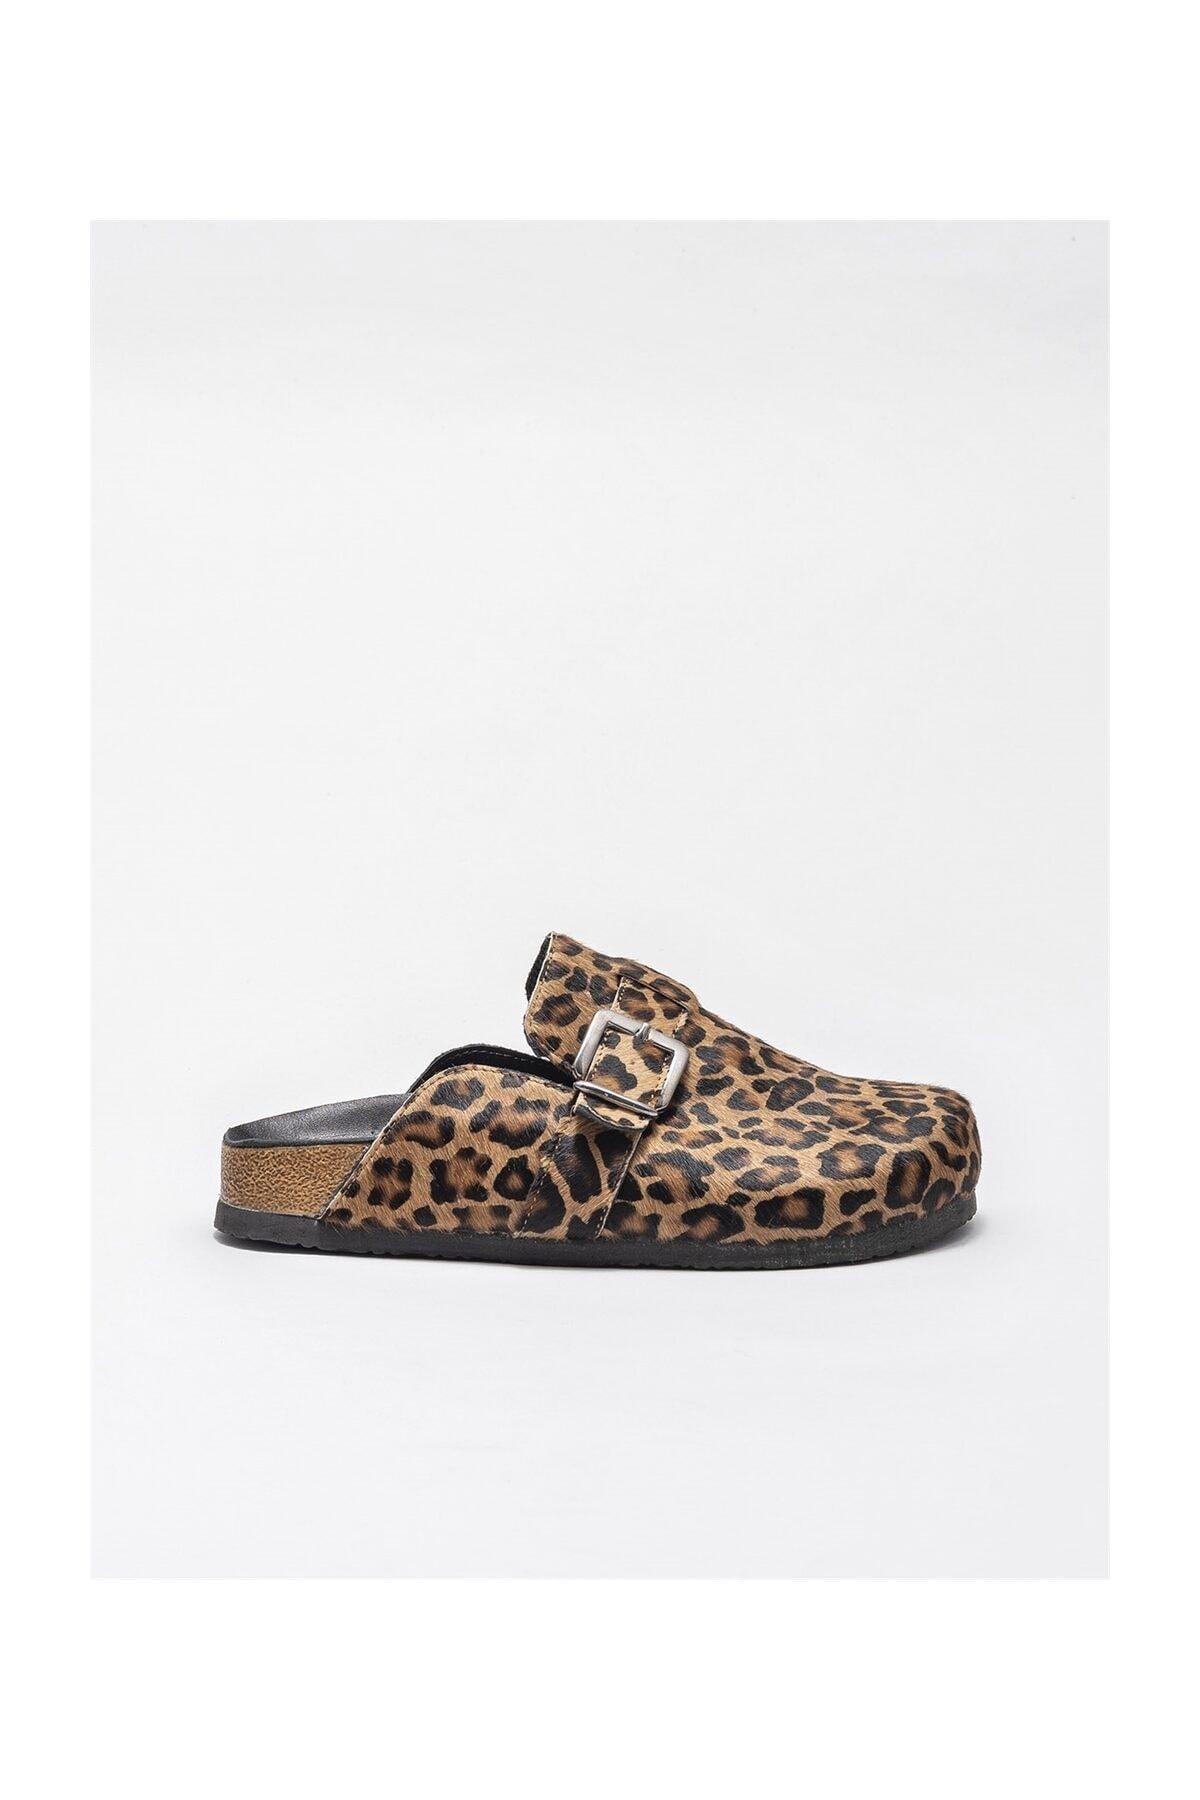 Elle Shoes Kadın Kahverengi Leopar Deri Terlik 1